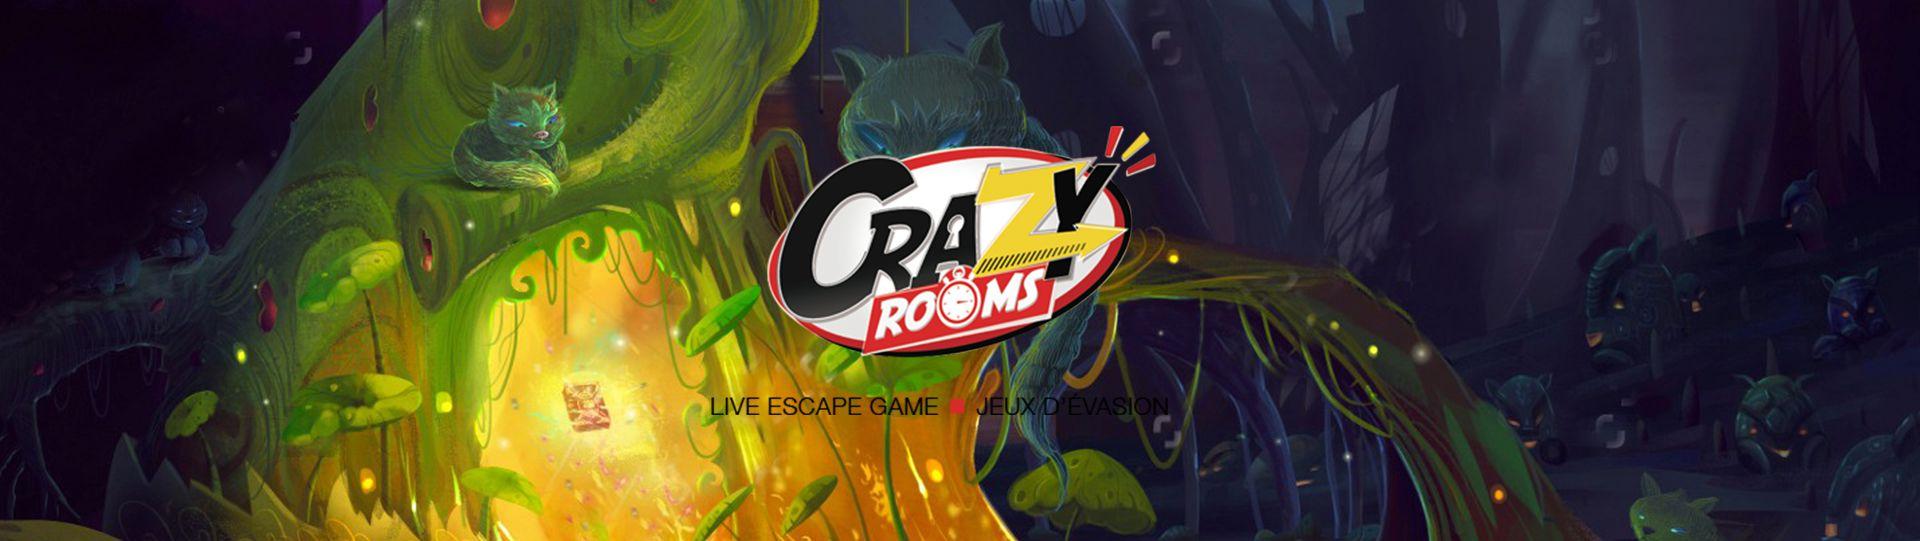 Les salles de l'escape game pour enfants Crazy Room.jpg